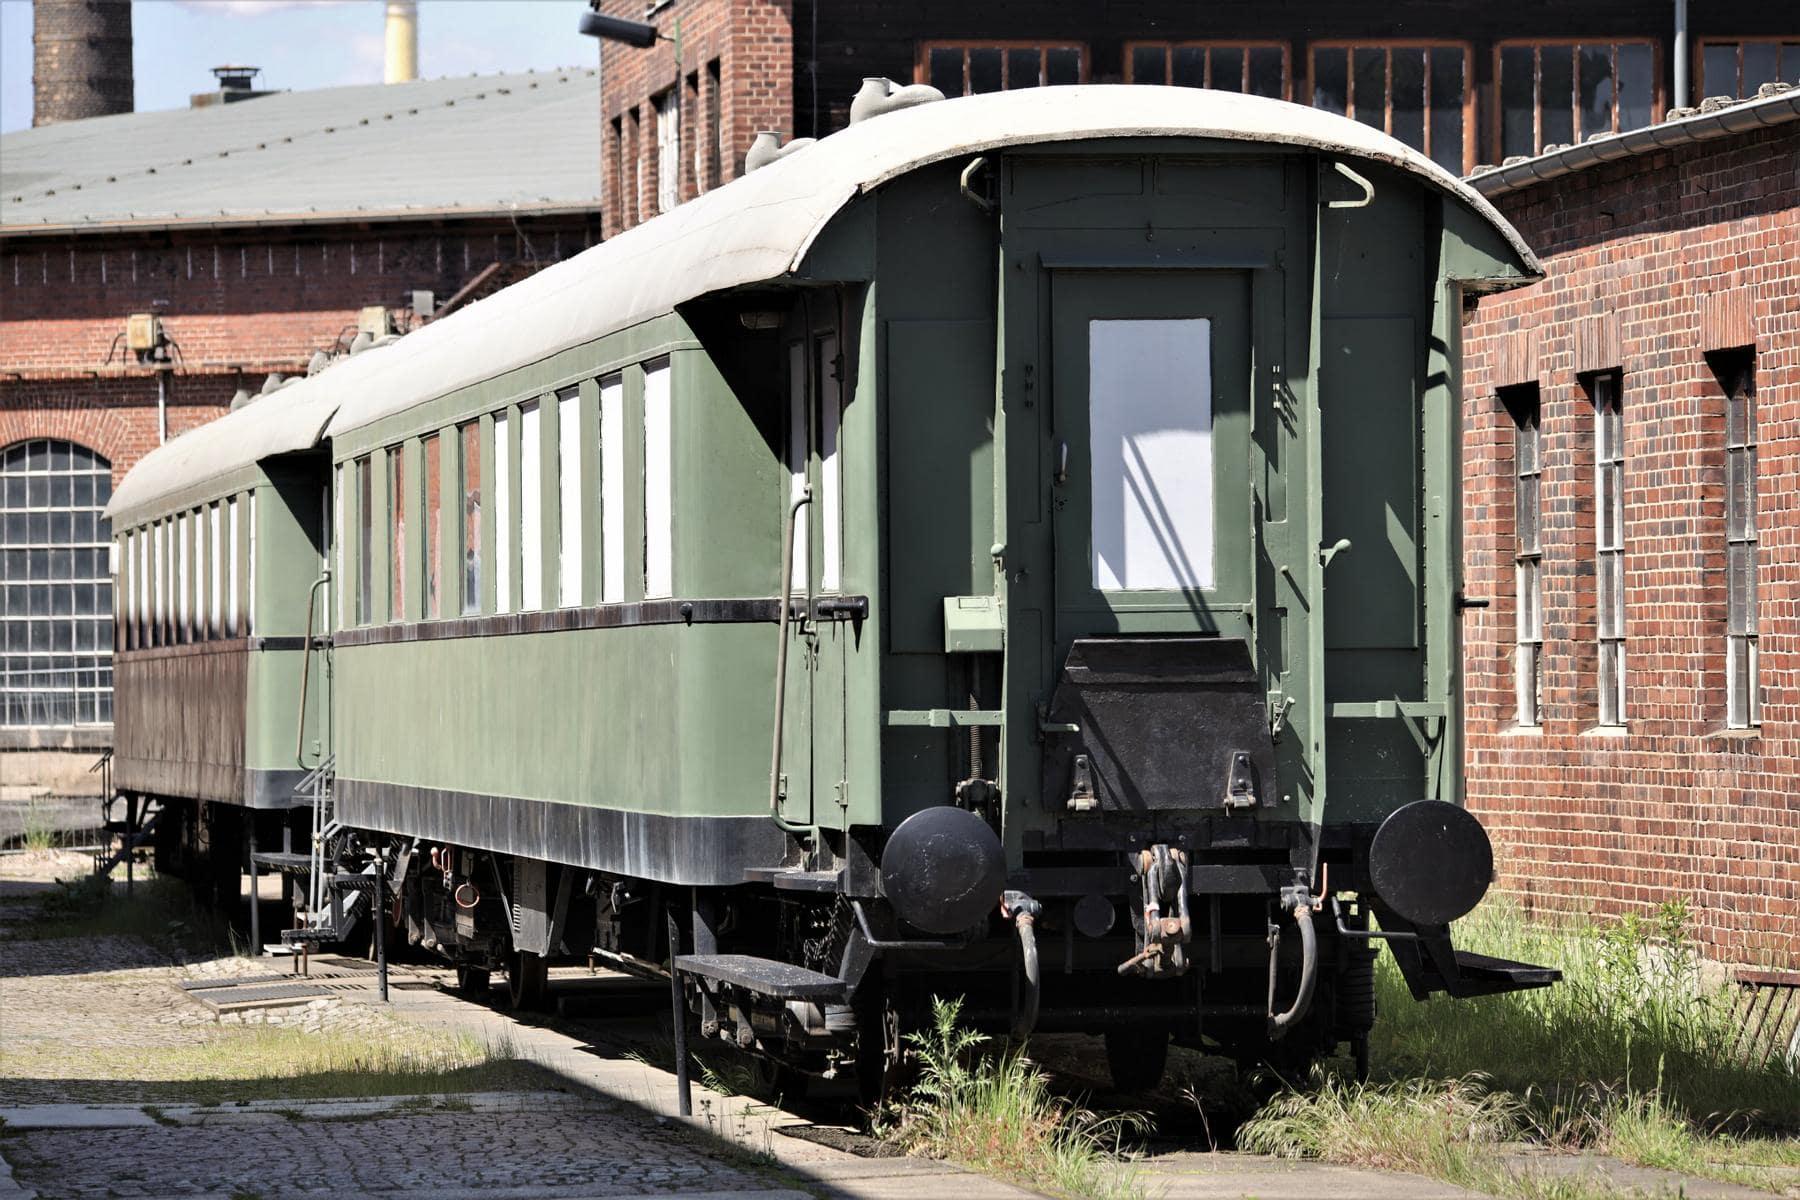 ©Foto: Christian Wodzinski | railmen | Zwei ausgemusterte Personenwagen bieten Raum für Modellbahnanlagen, die an ausgewählten Tagen besichtigt werden können